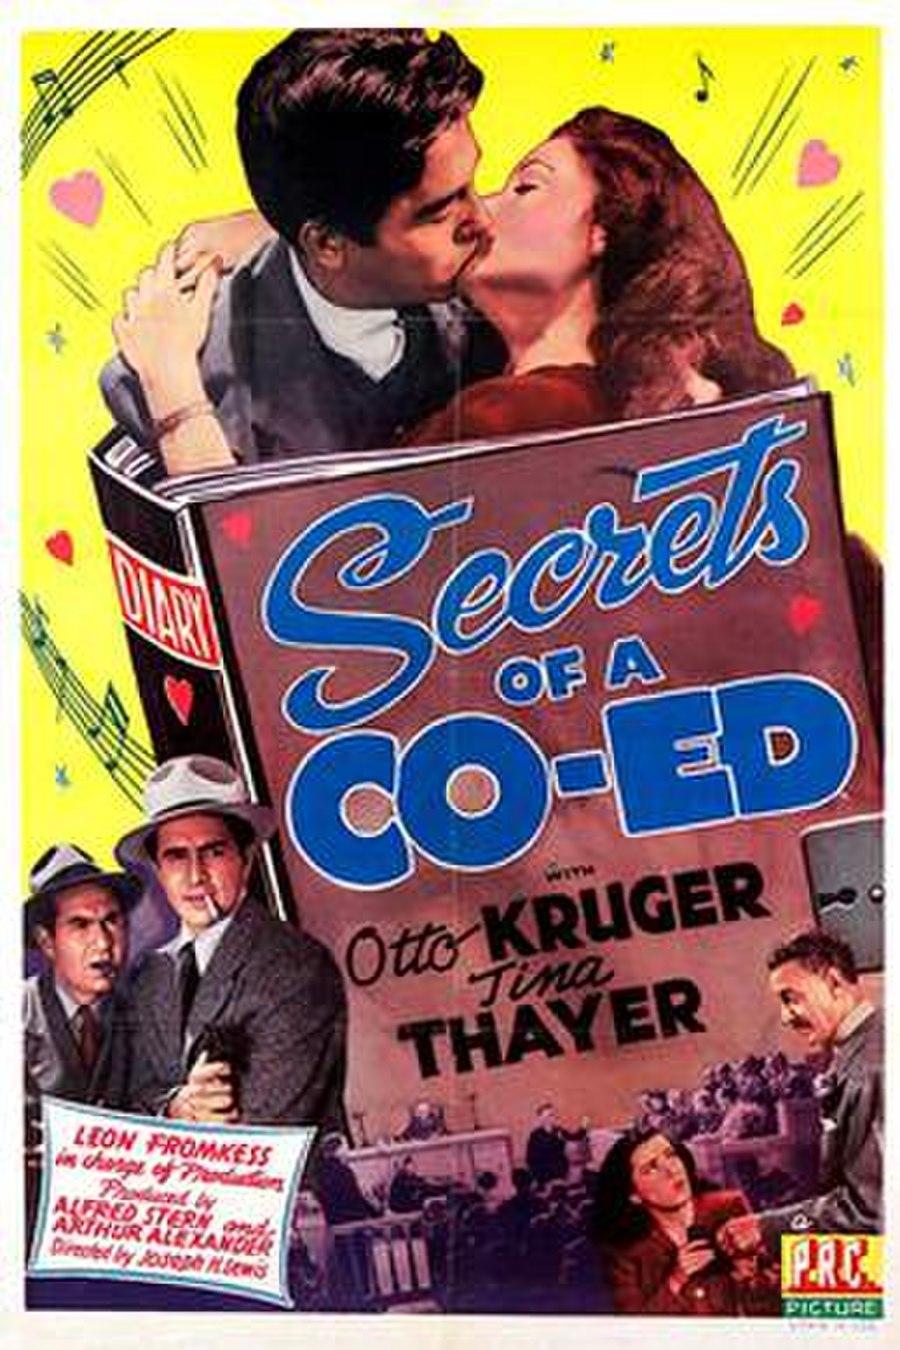 Secrets of a Co-Ed